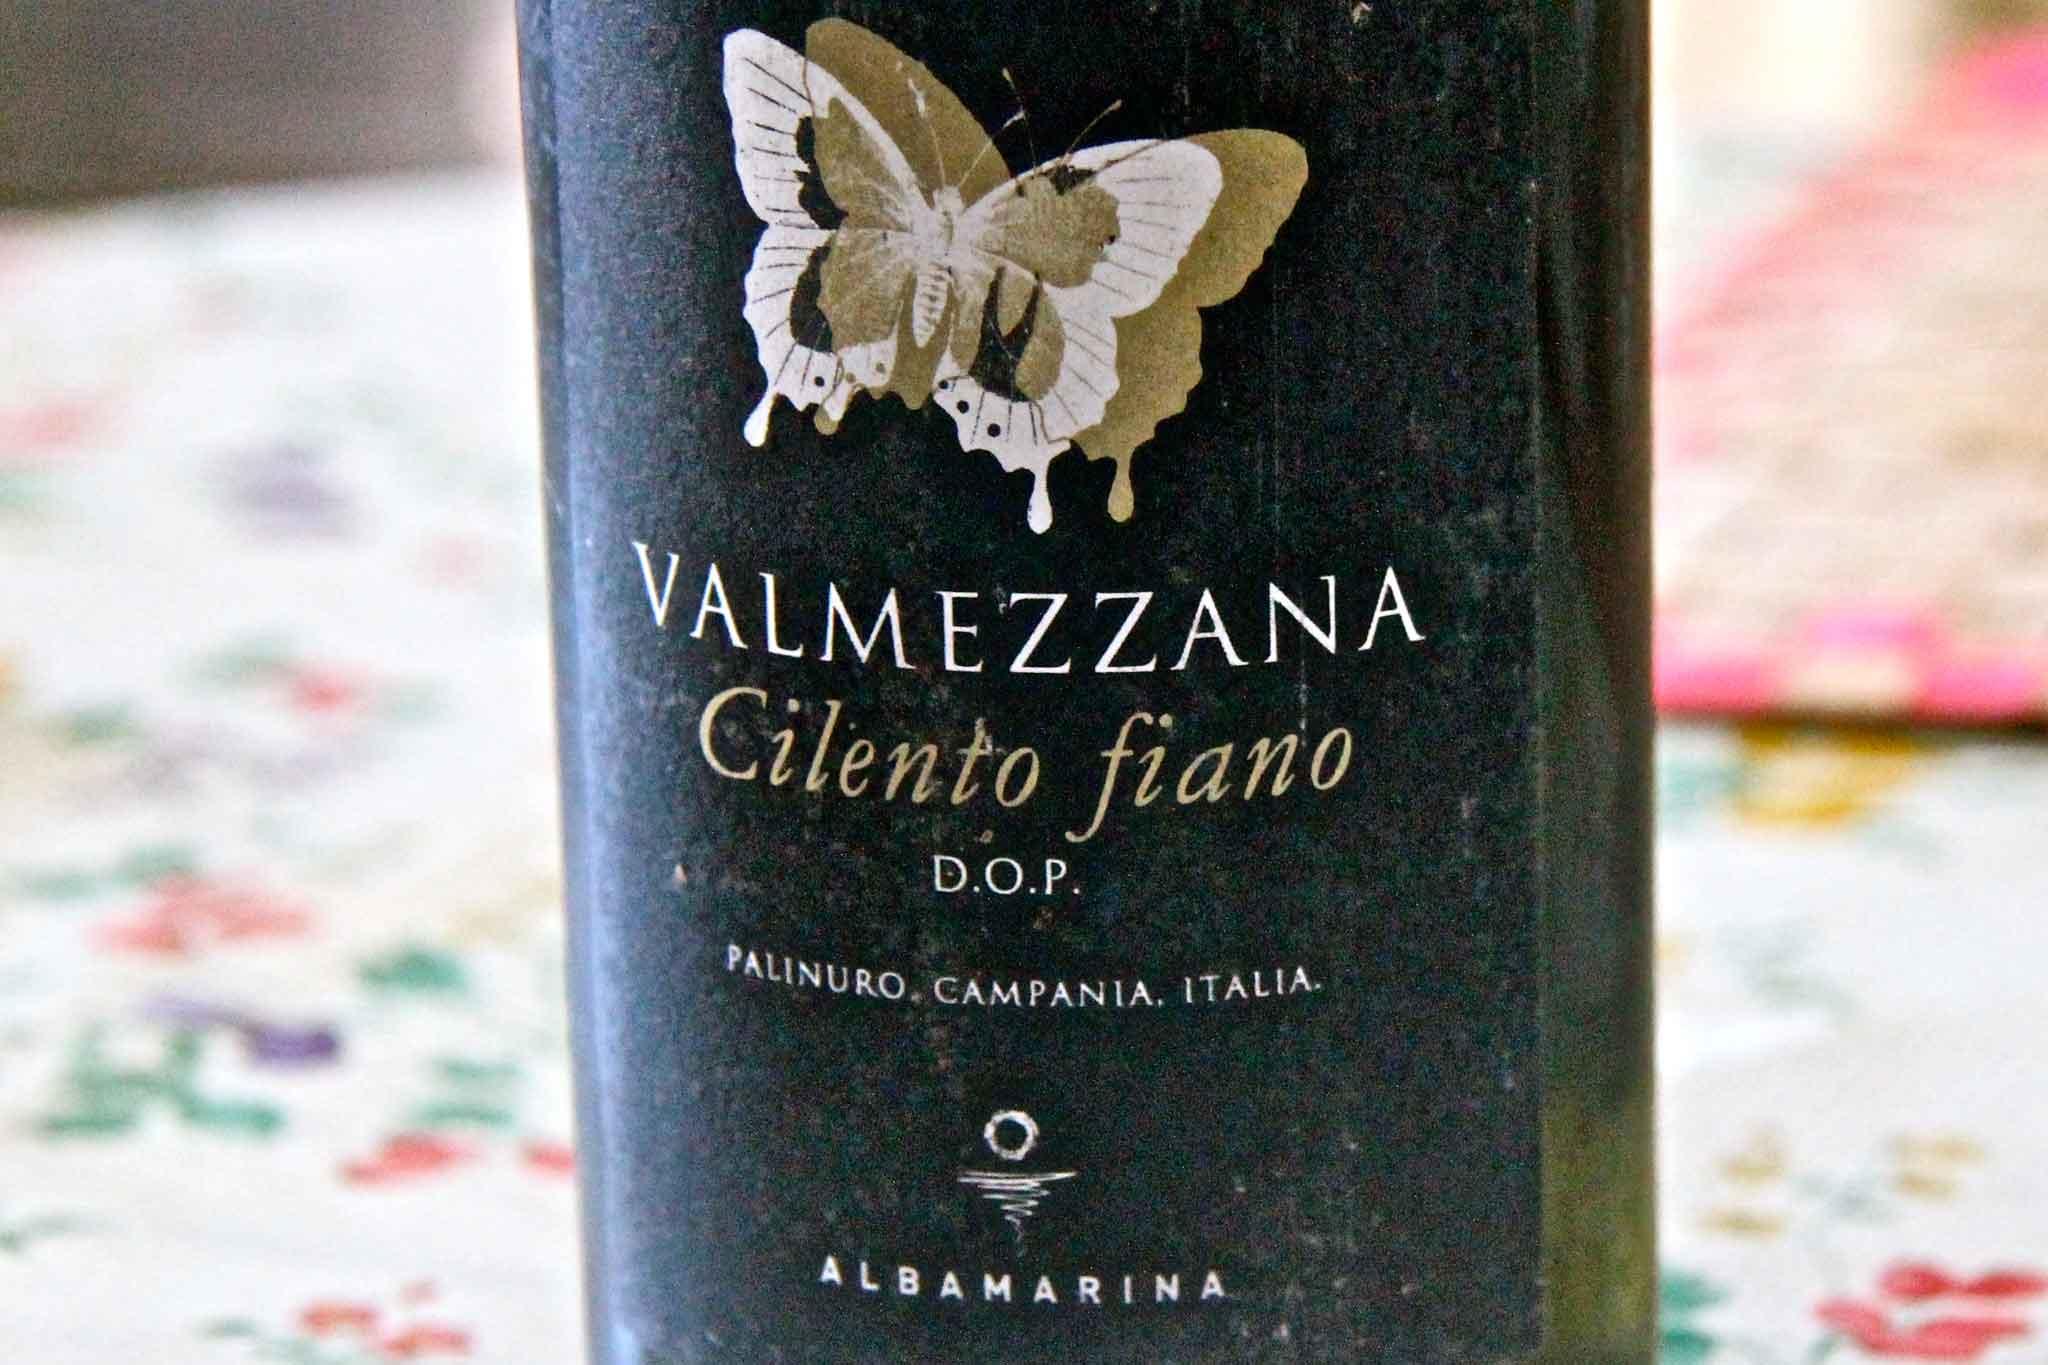 Valmezzana Fiano Albamarina